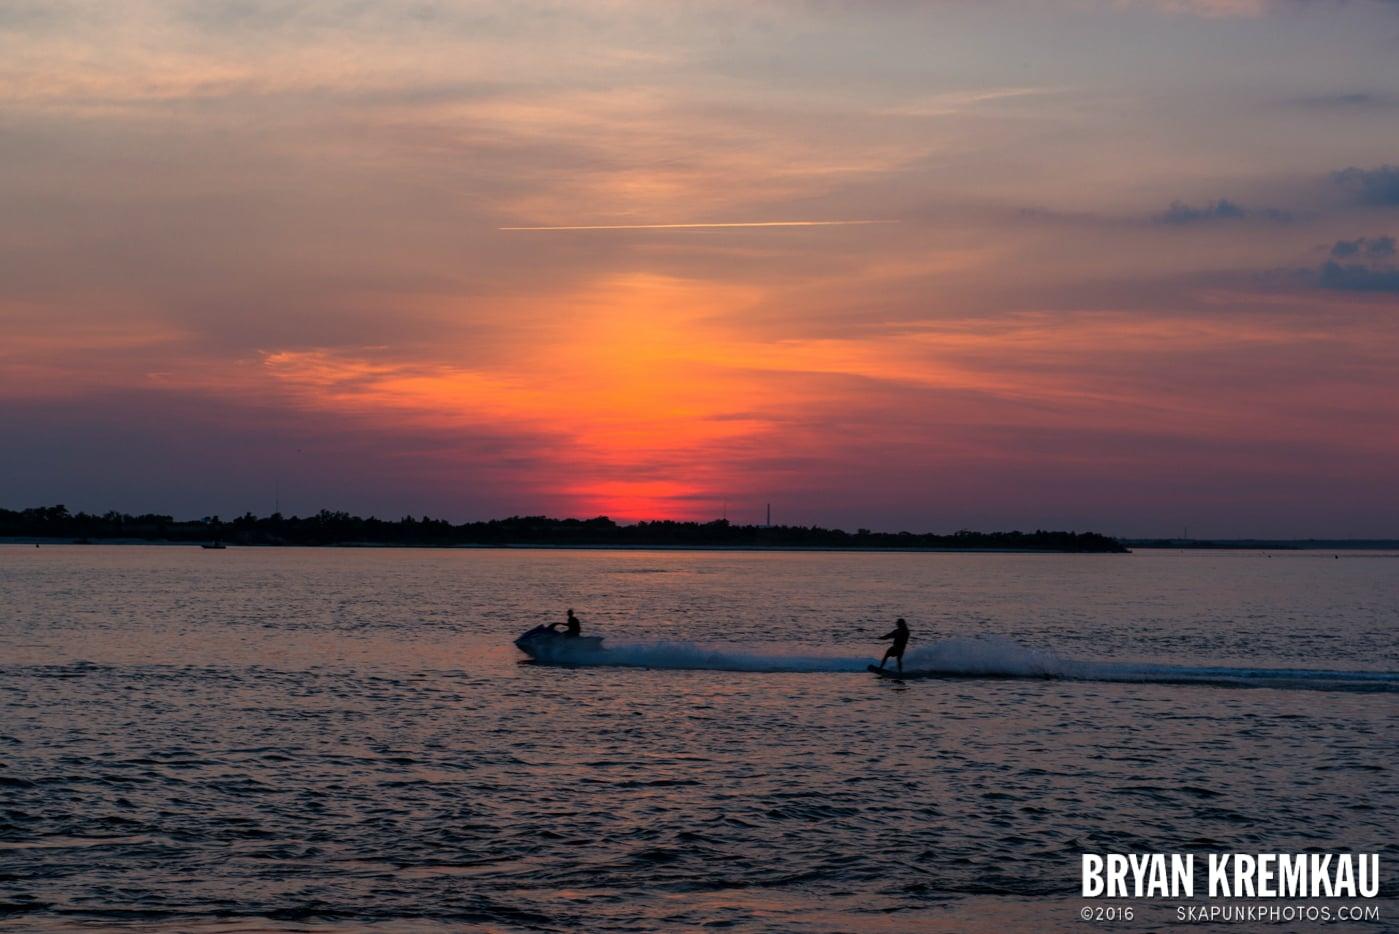 Beach Haven, Long Beach Island, NJ - 6.16.14 - 6.18.14 (1)